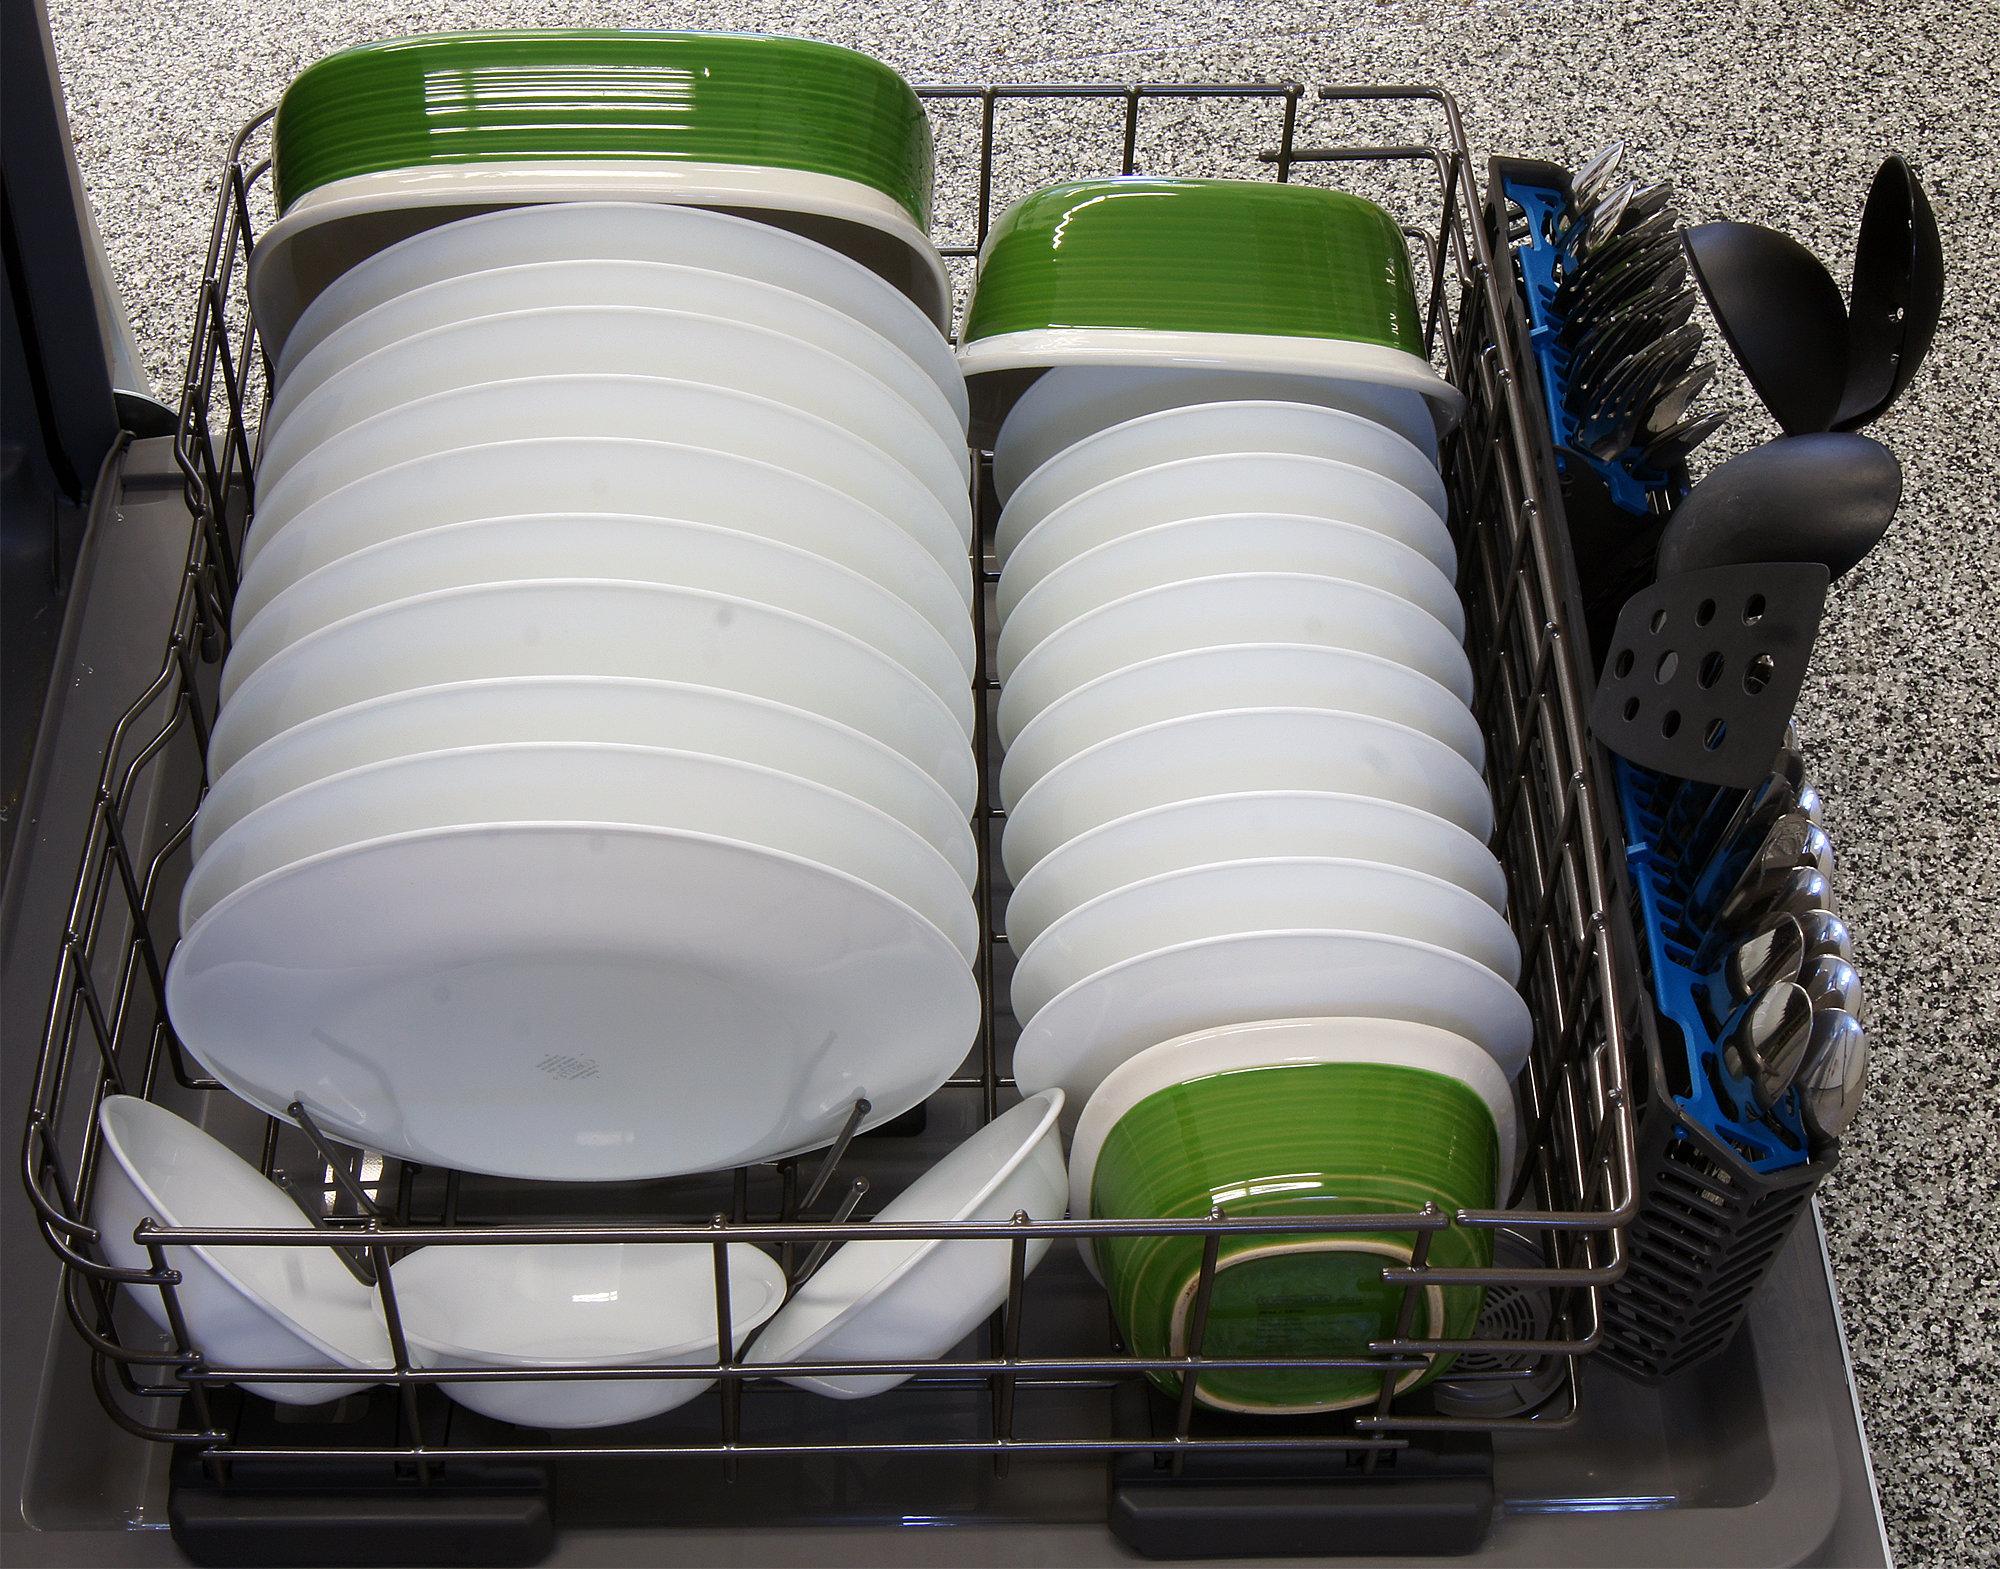 GE Artistry ADT521PGFWS bottom rack capacity